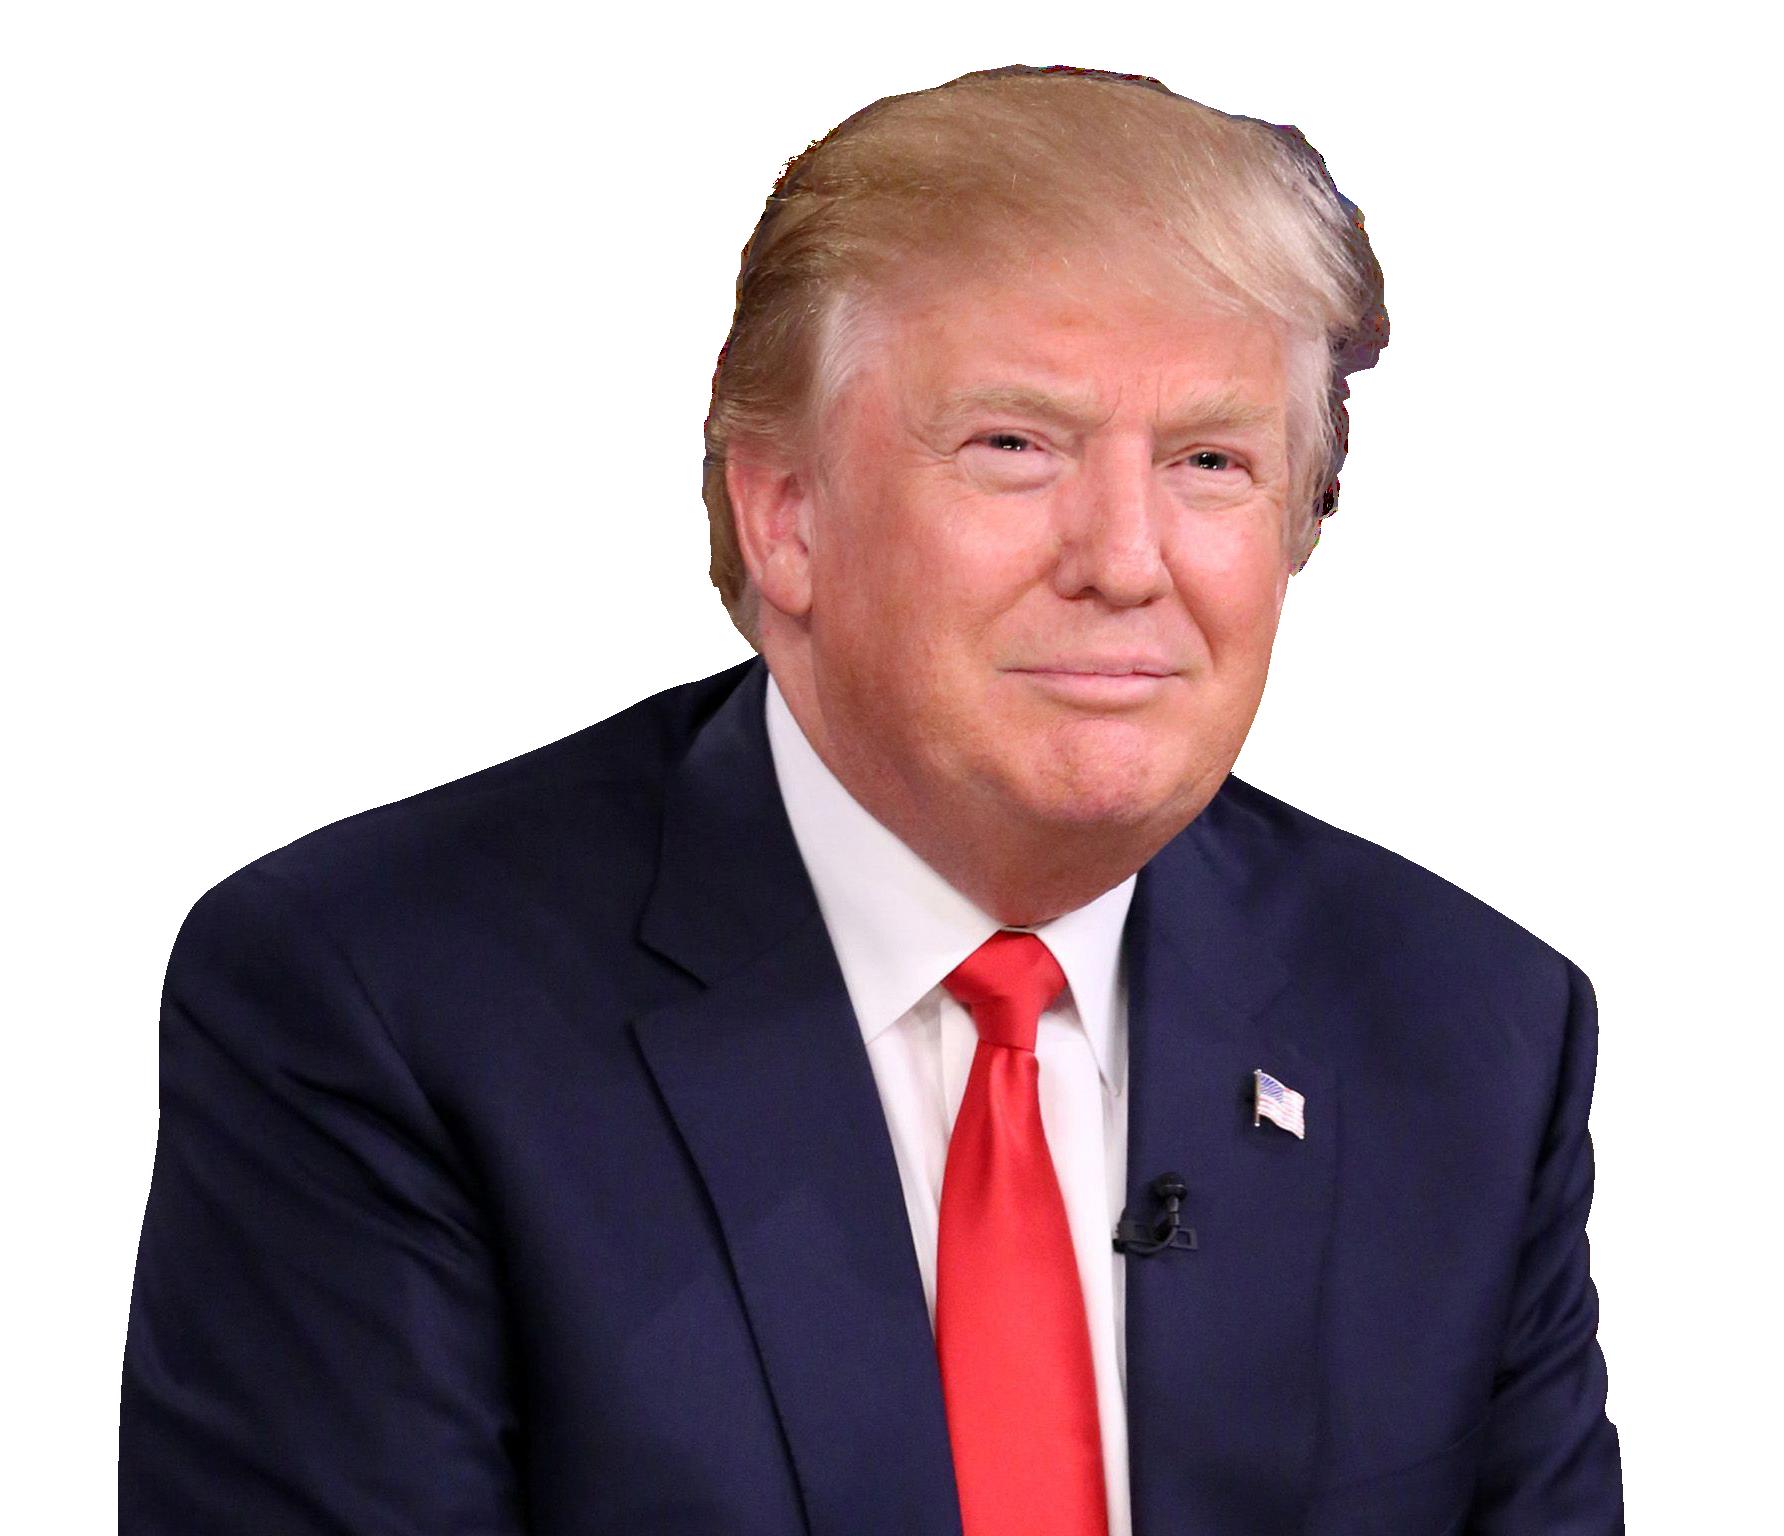 Donald Trump HD PNG - 93620